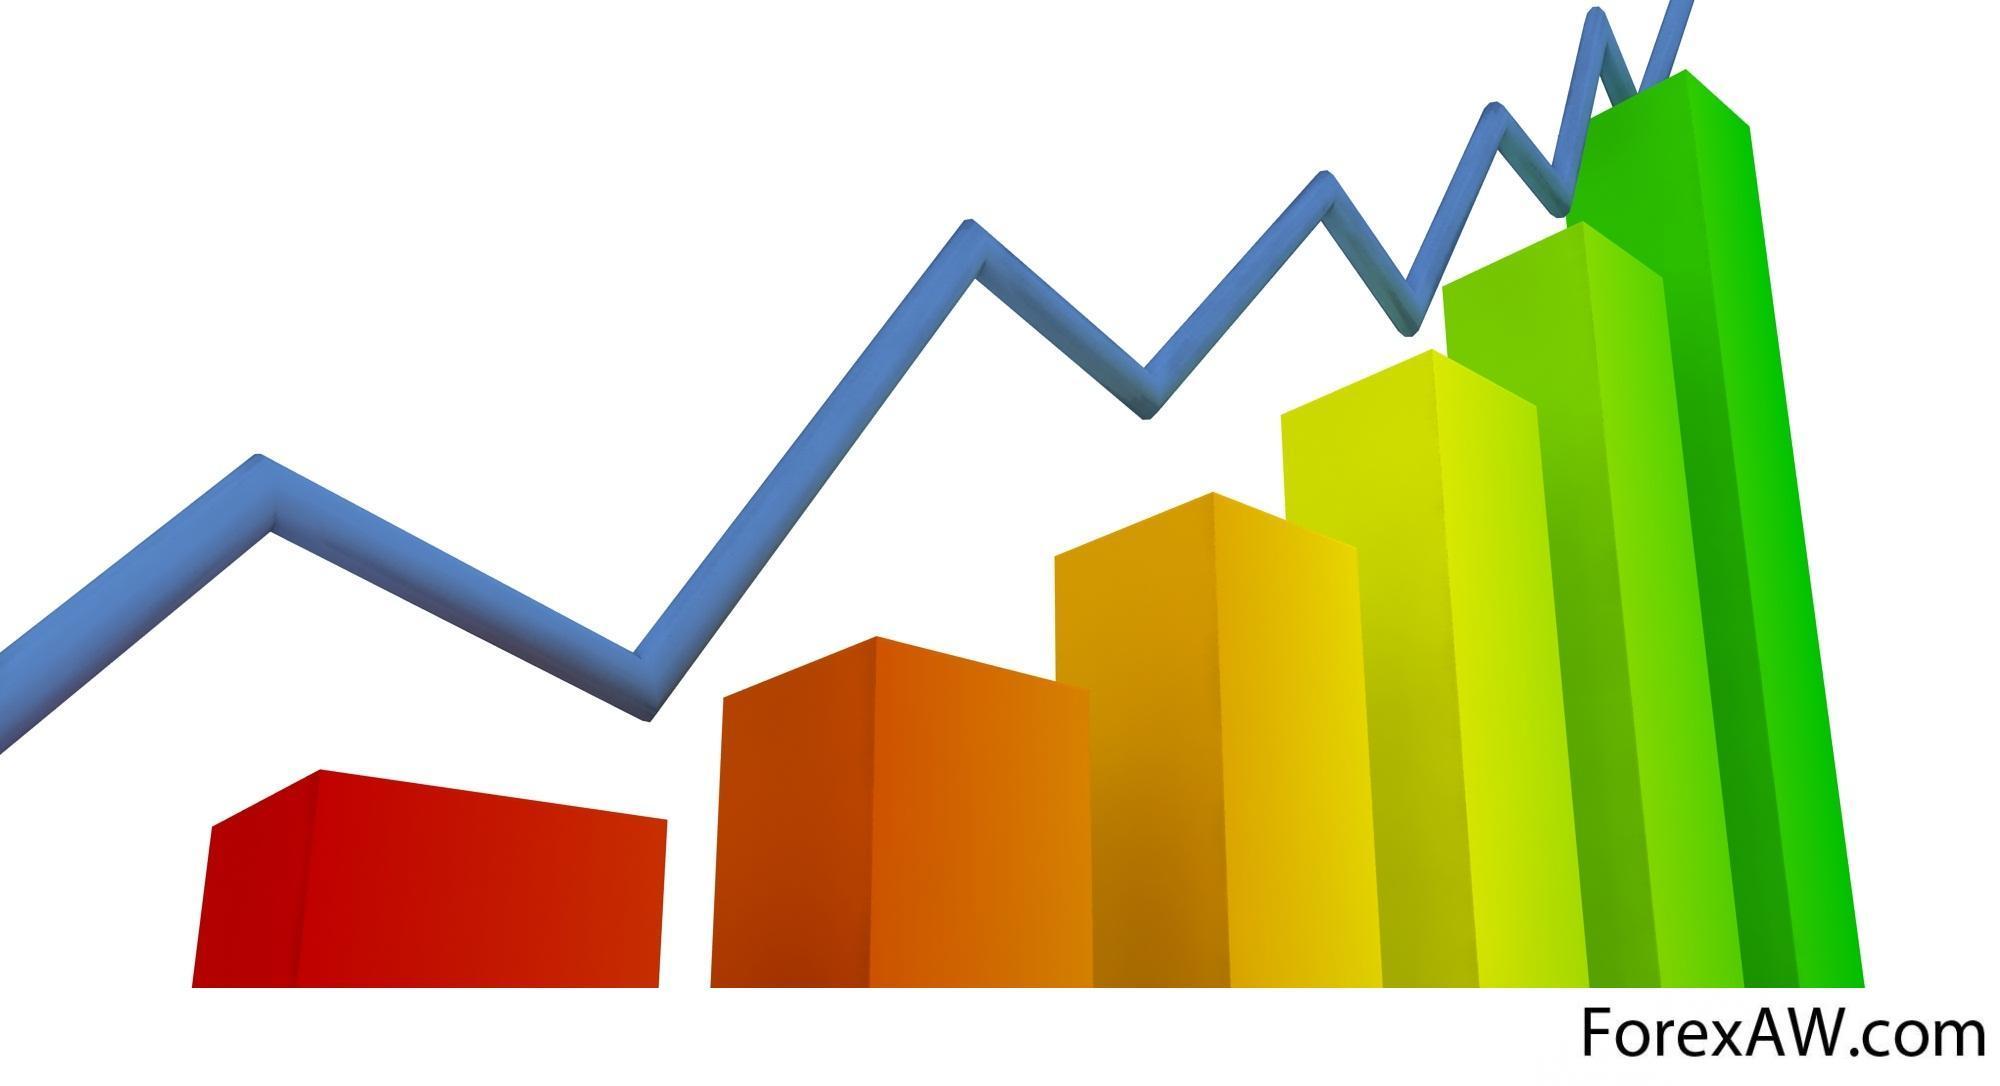 переменная процентная ставка по кредиту эторефинансирование в мтс банке онлайн заявка